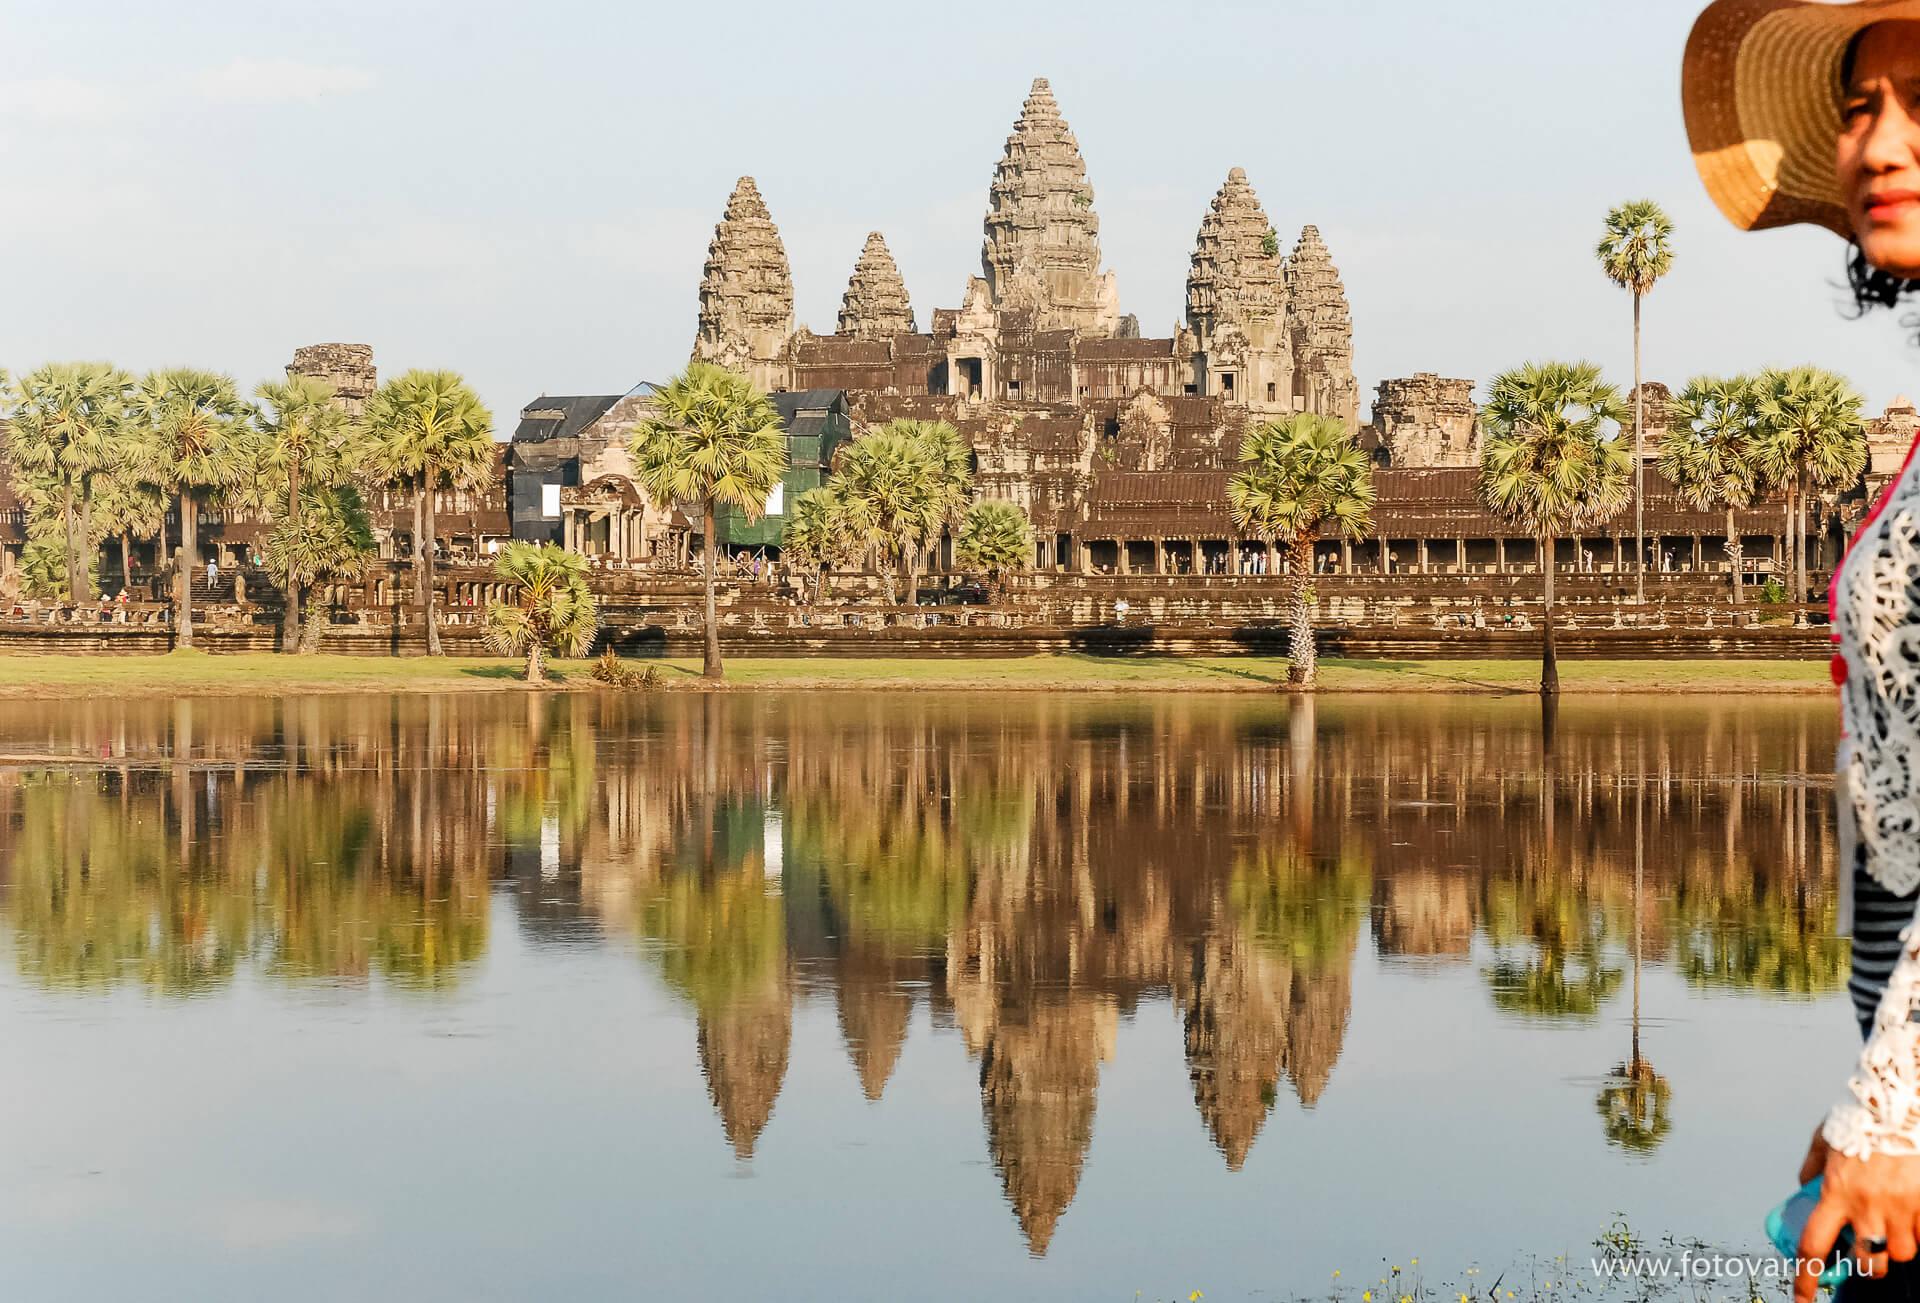 Kambodzsa_fotovarro_12